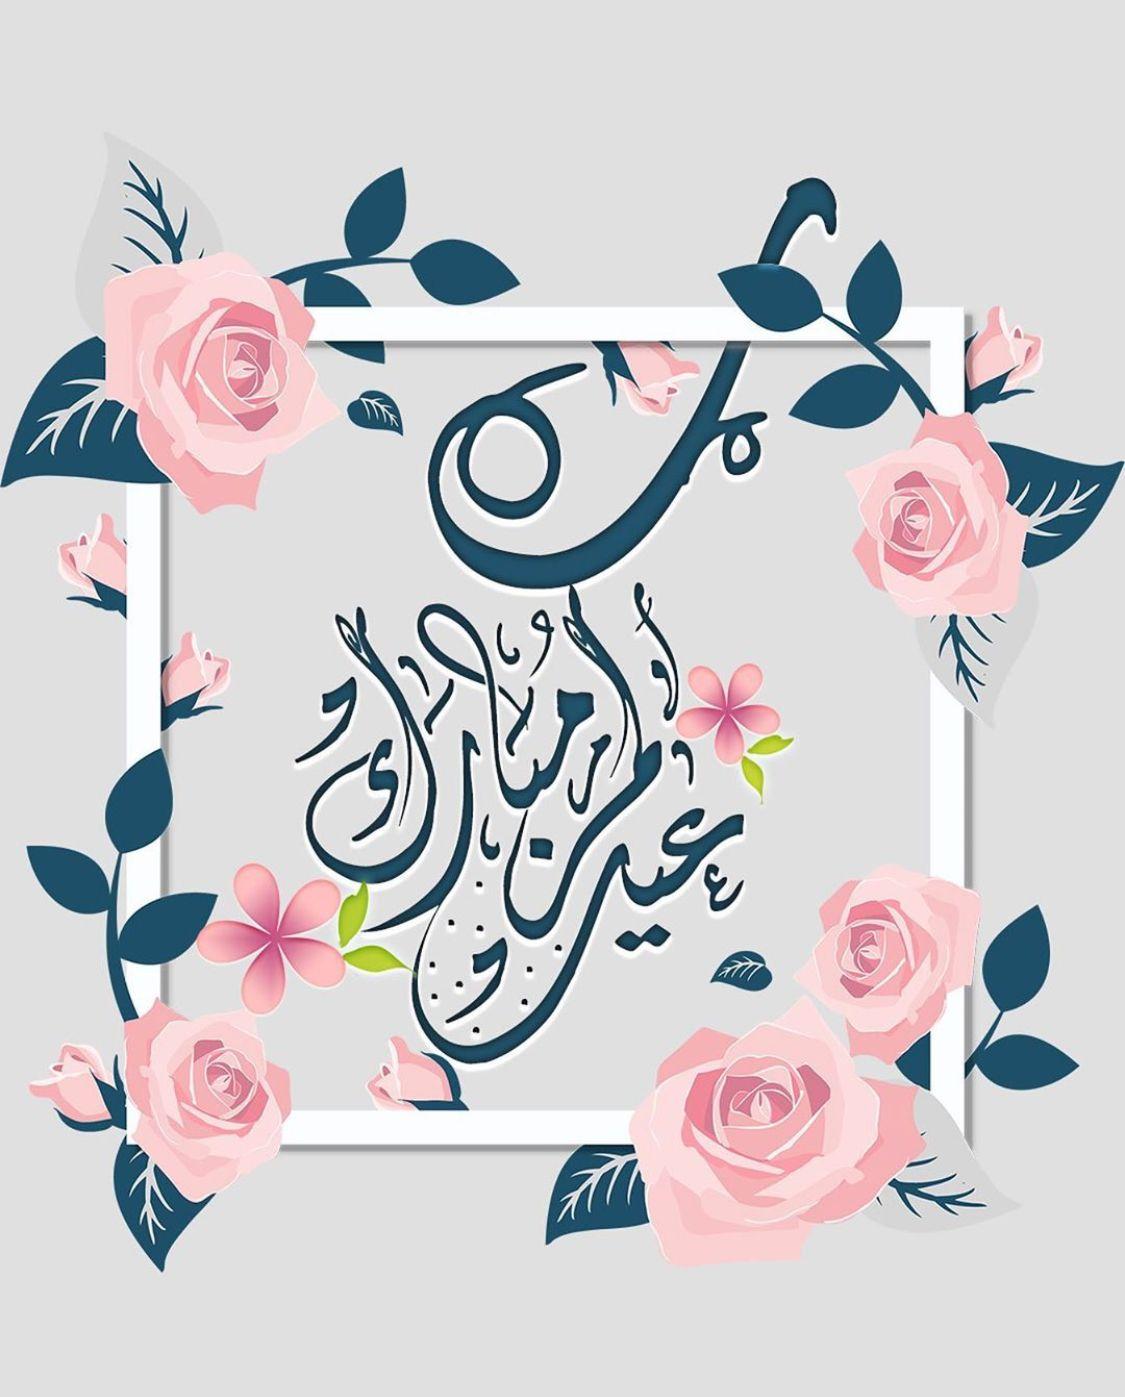 Pin By صورة و كلمة On عيد الفطر عيد الأضحى Eid Mubark Eid Cards Eid Mubarak Islamic Pictures